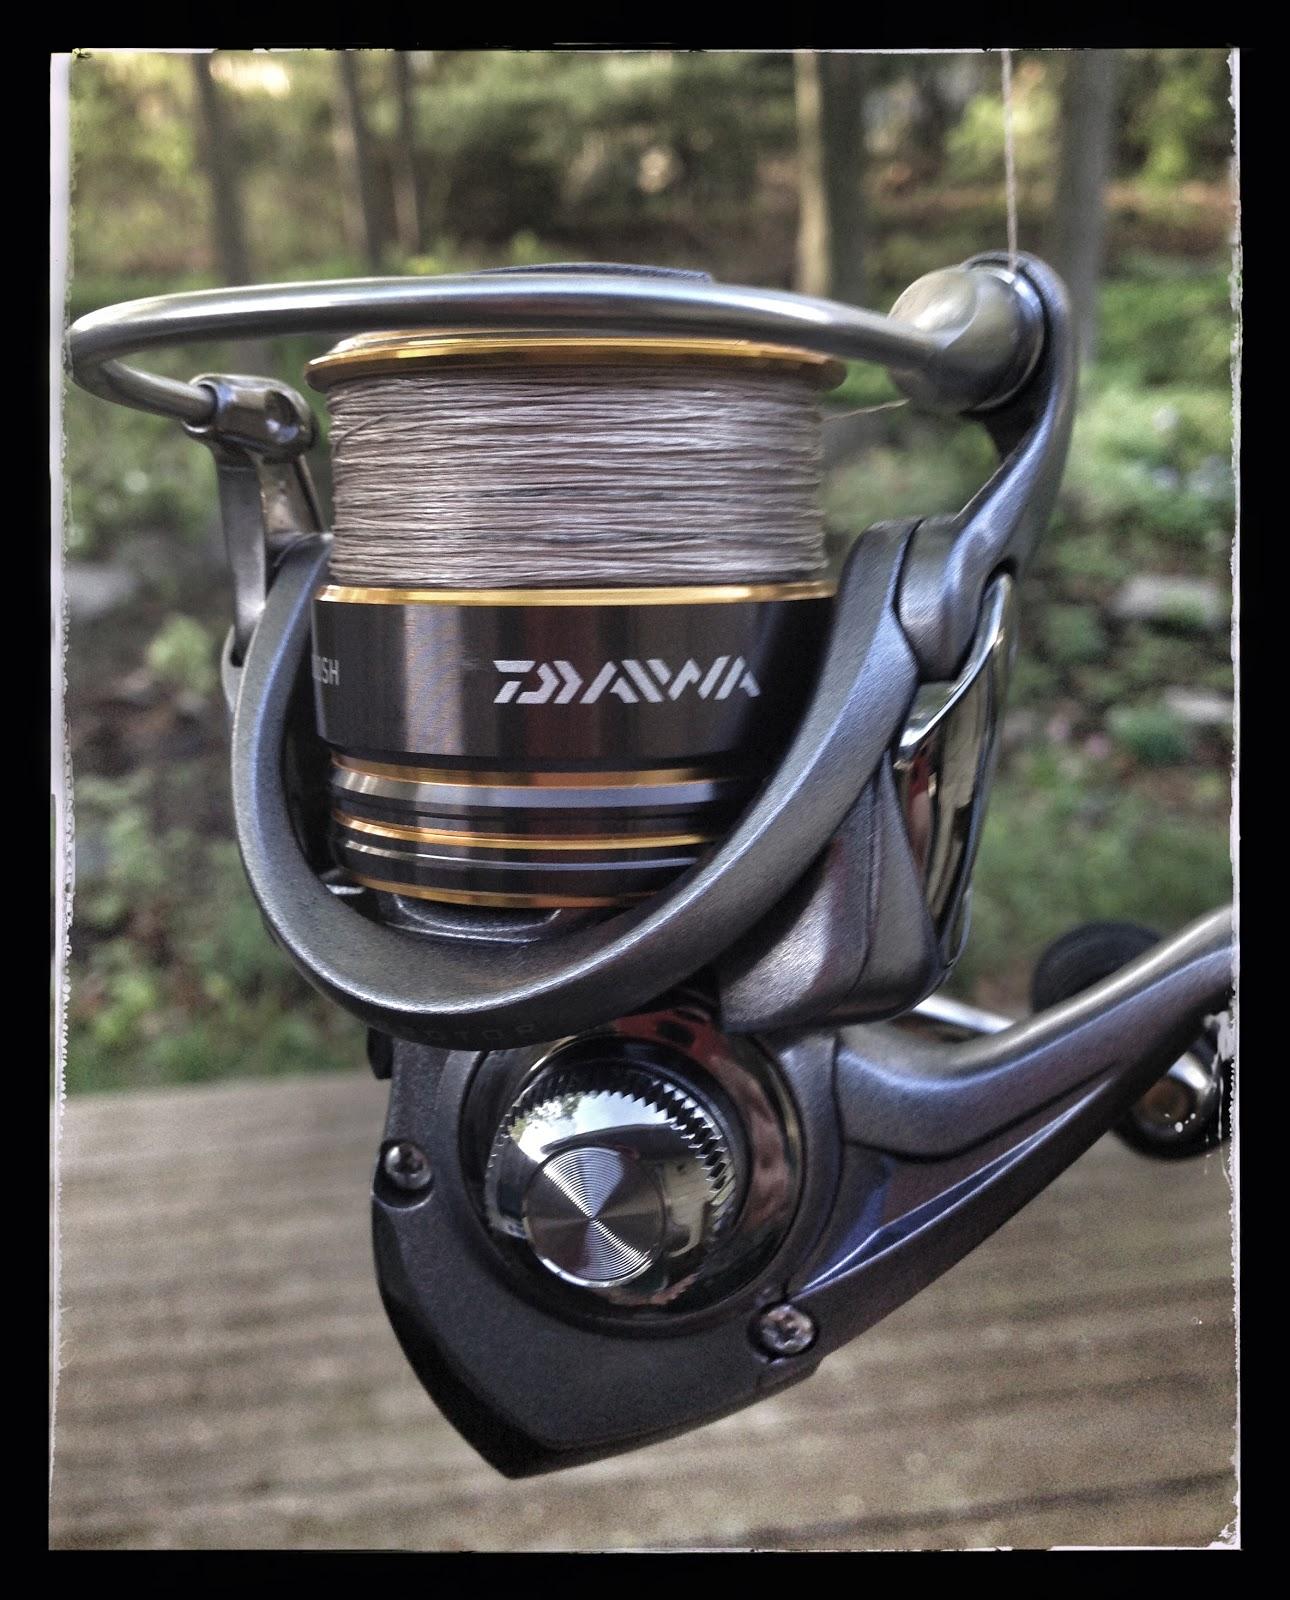 41147d5f2c4 Bass Junkies Fishing Addiction: Test Drive: The Daiwa Lexa 2000 ...